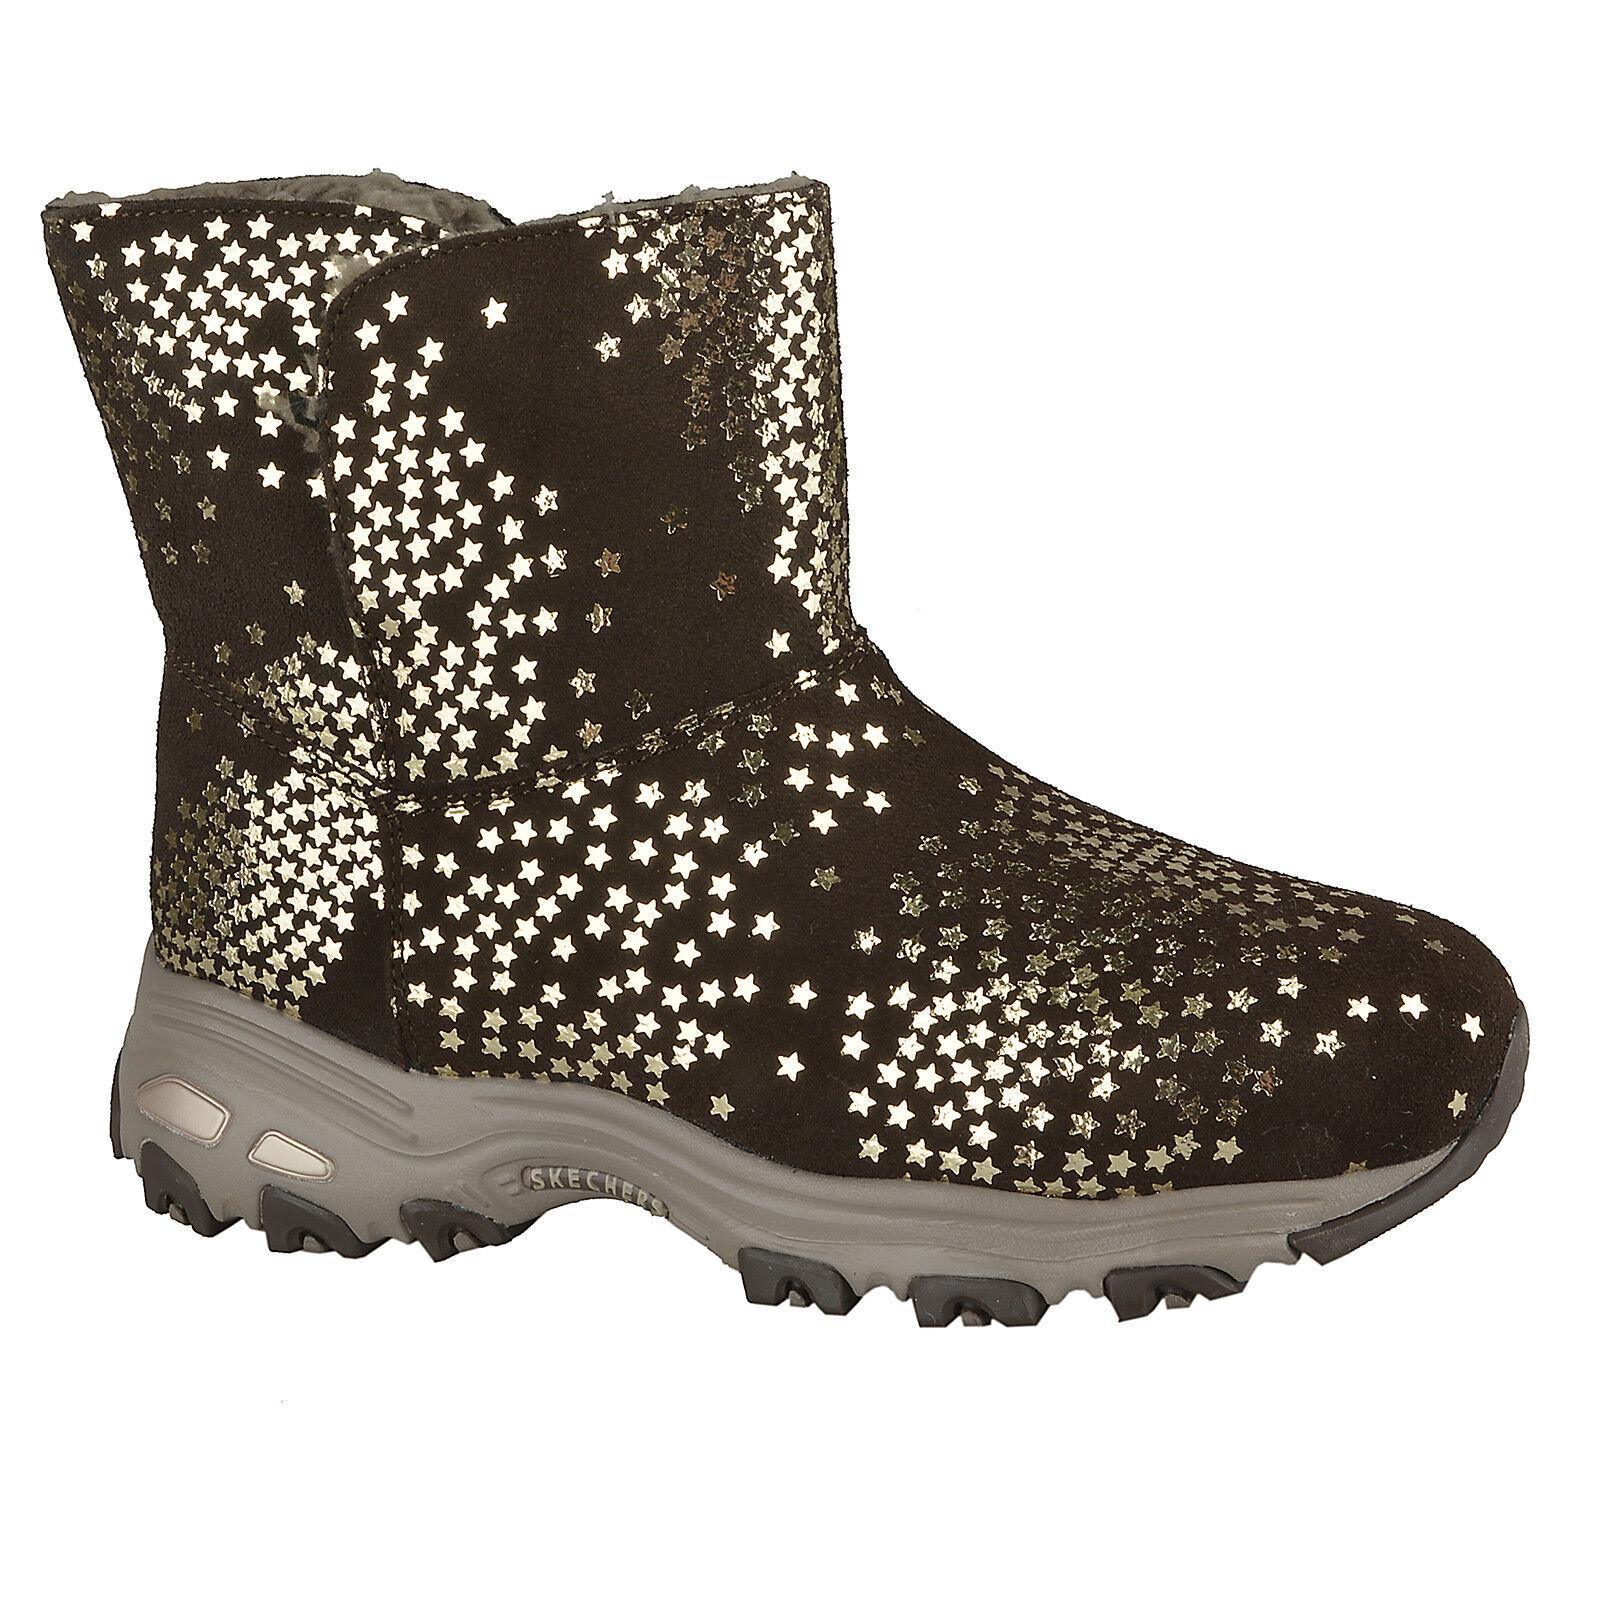 new product 6351d c31d6 Details zu NEU SKECHERS Damen Stiefel Winter Rutschfest Leder D'LITES -  DRACO Braun